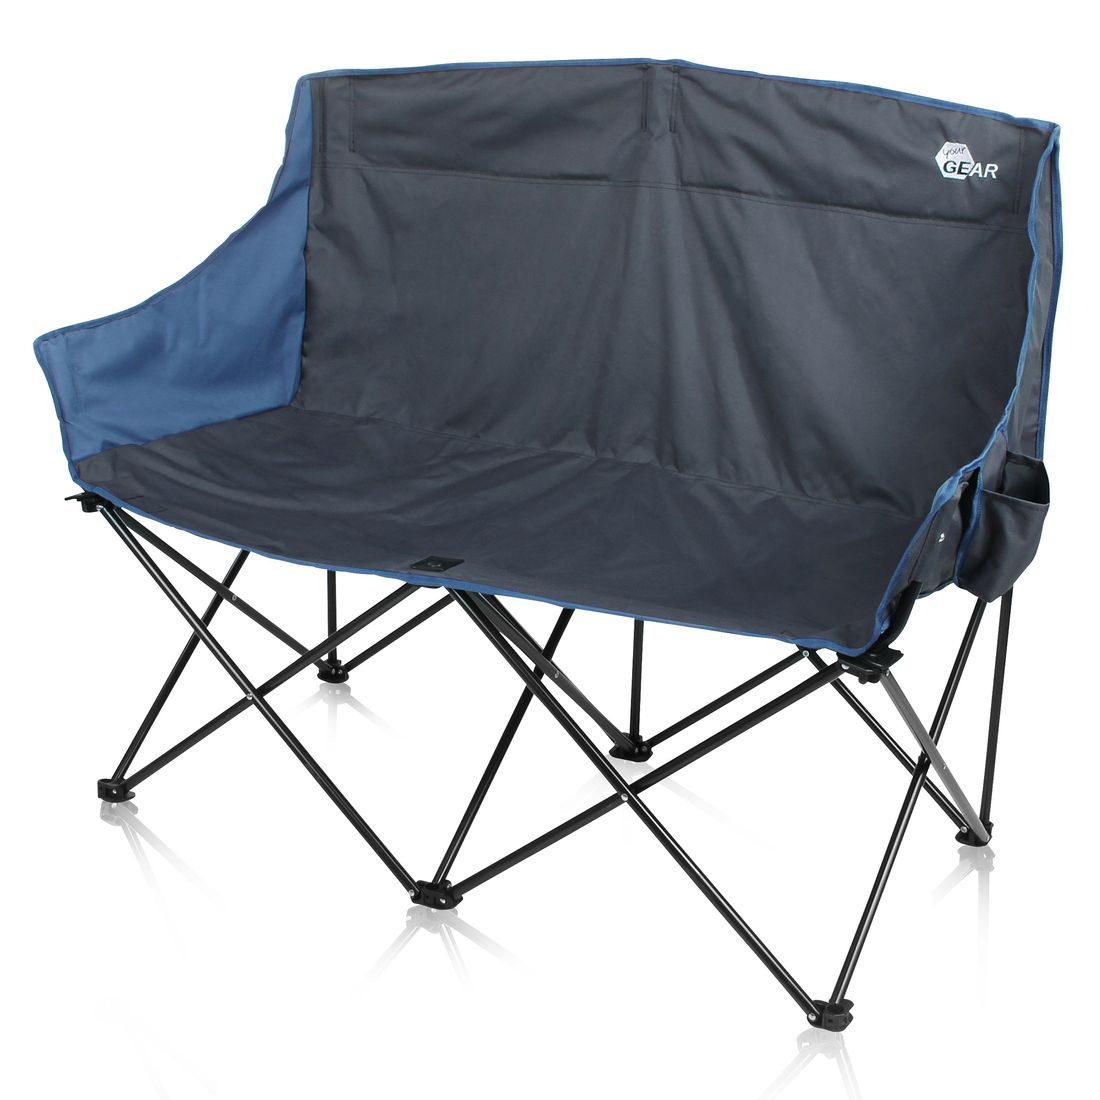 Camping Hocker Klappstuhl Outdoor Klappstuhl Vier Beine Portable Klappstuhl